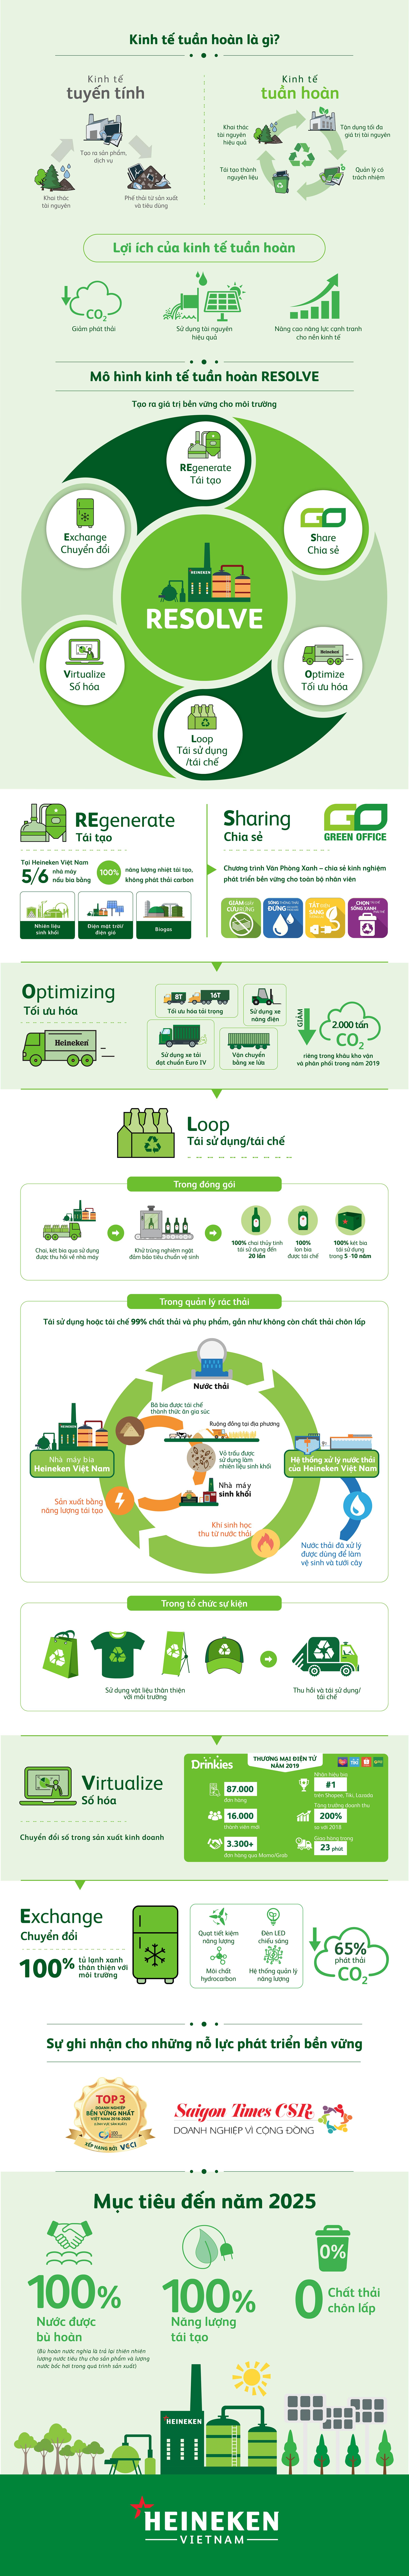 Mô hình kinh tế tuần hoàn tại Heineken Việt Nam